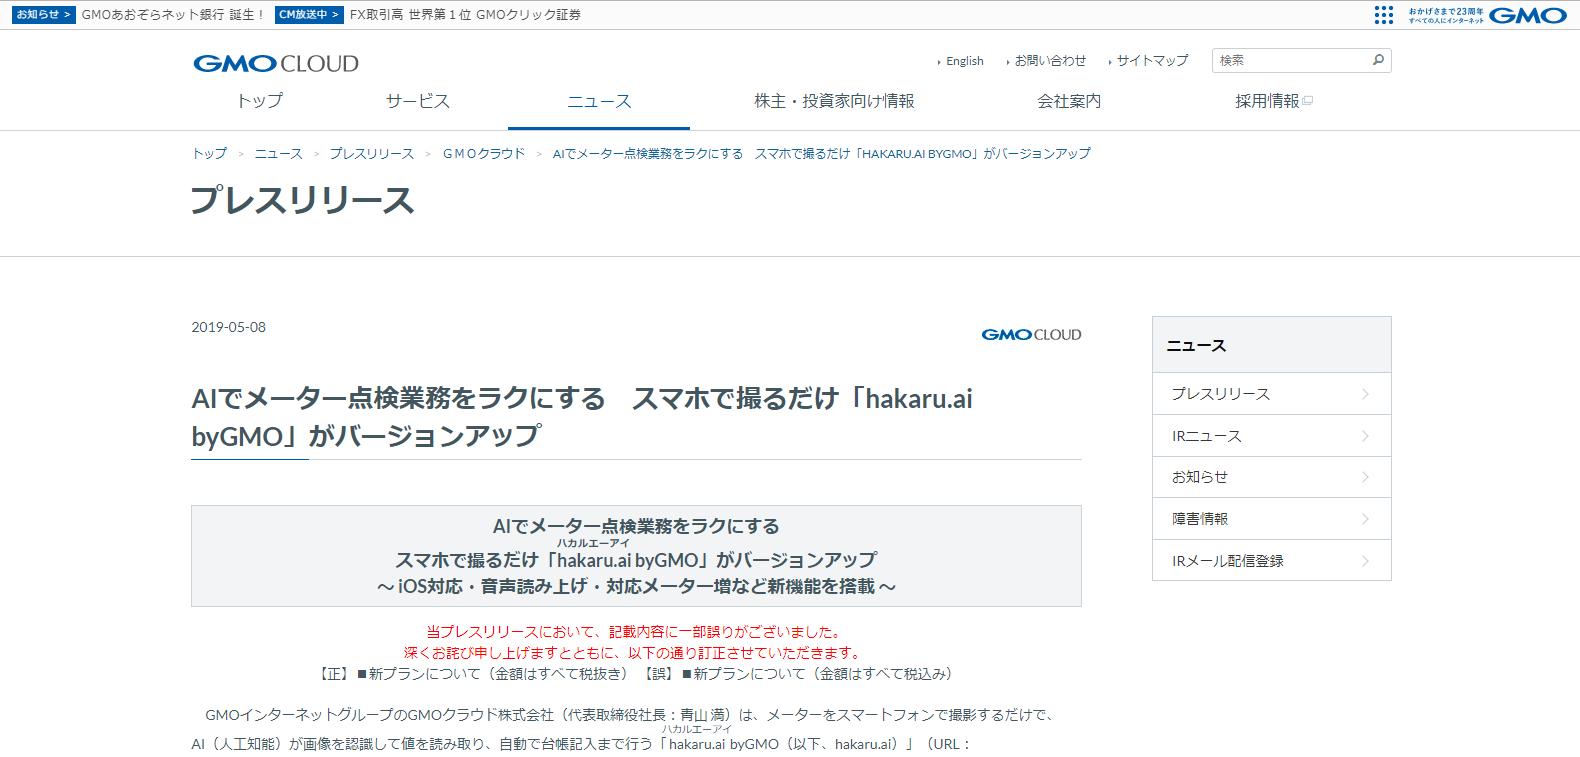 GMOクラウド メーター計測のhakaru.aiに新機能追加